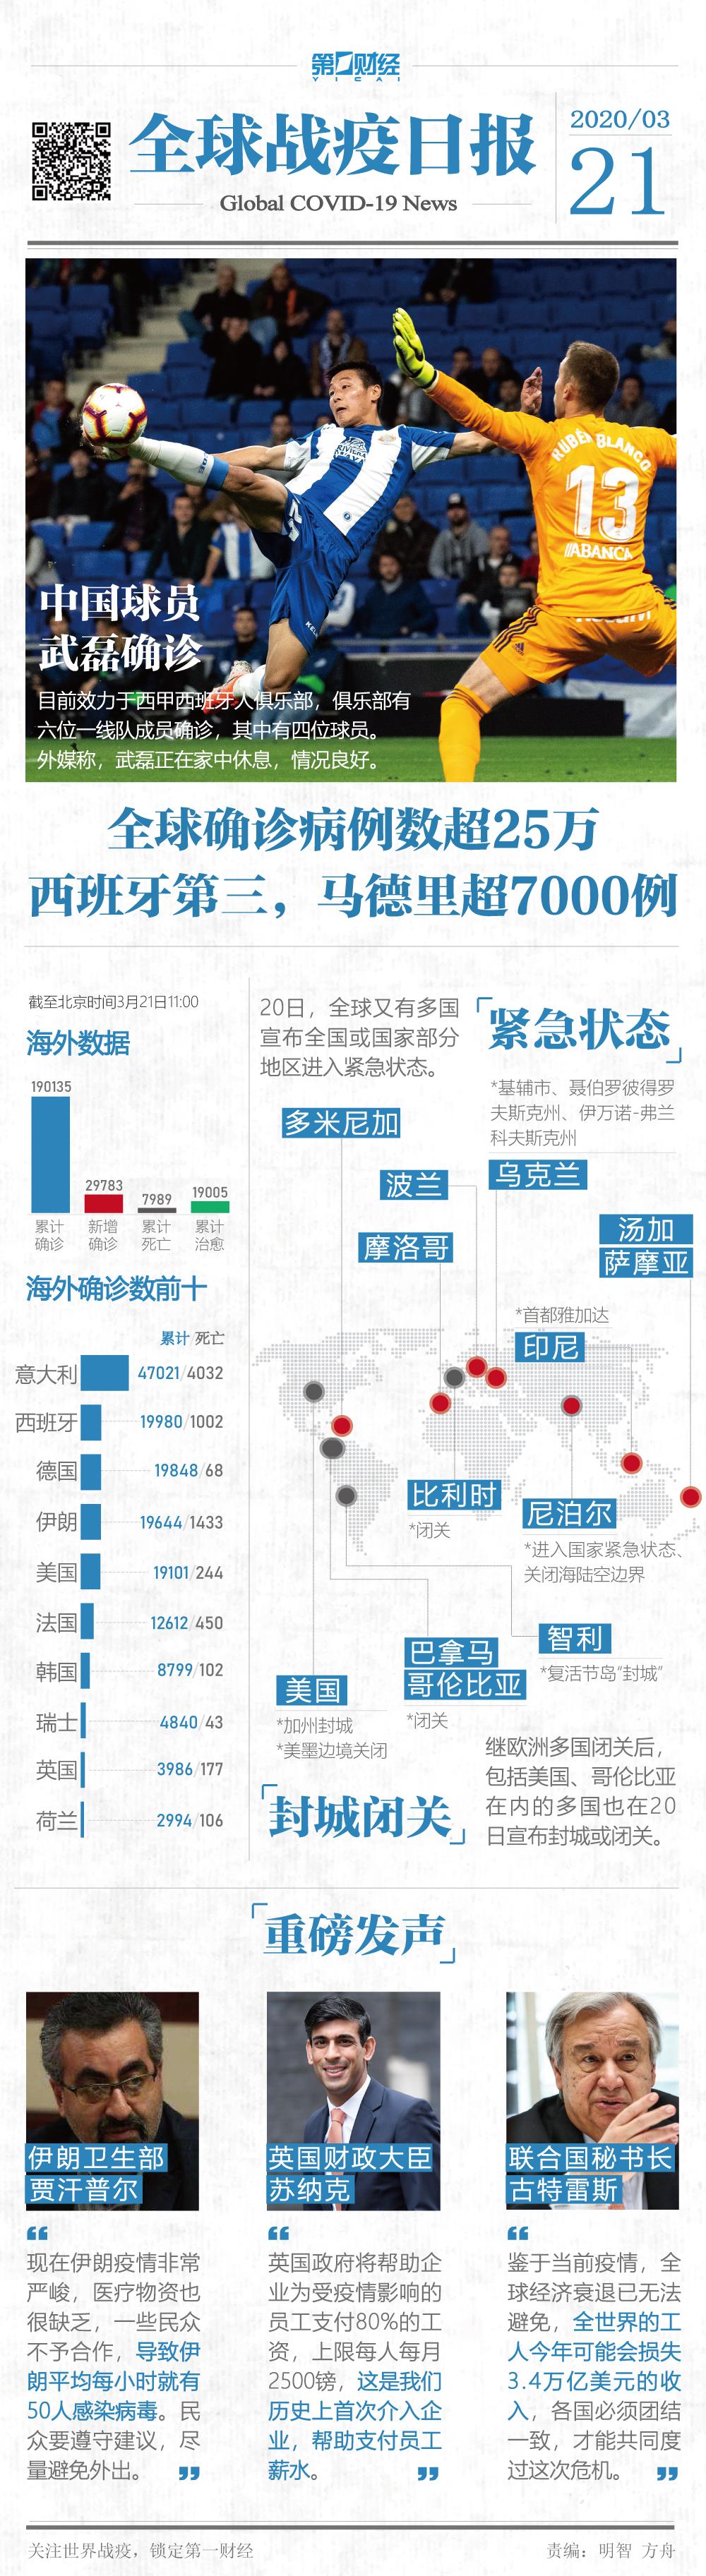 """""""全球战疫日报丨西班牙病例数居全球第三,中国球员武磊确诊"""